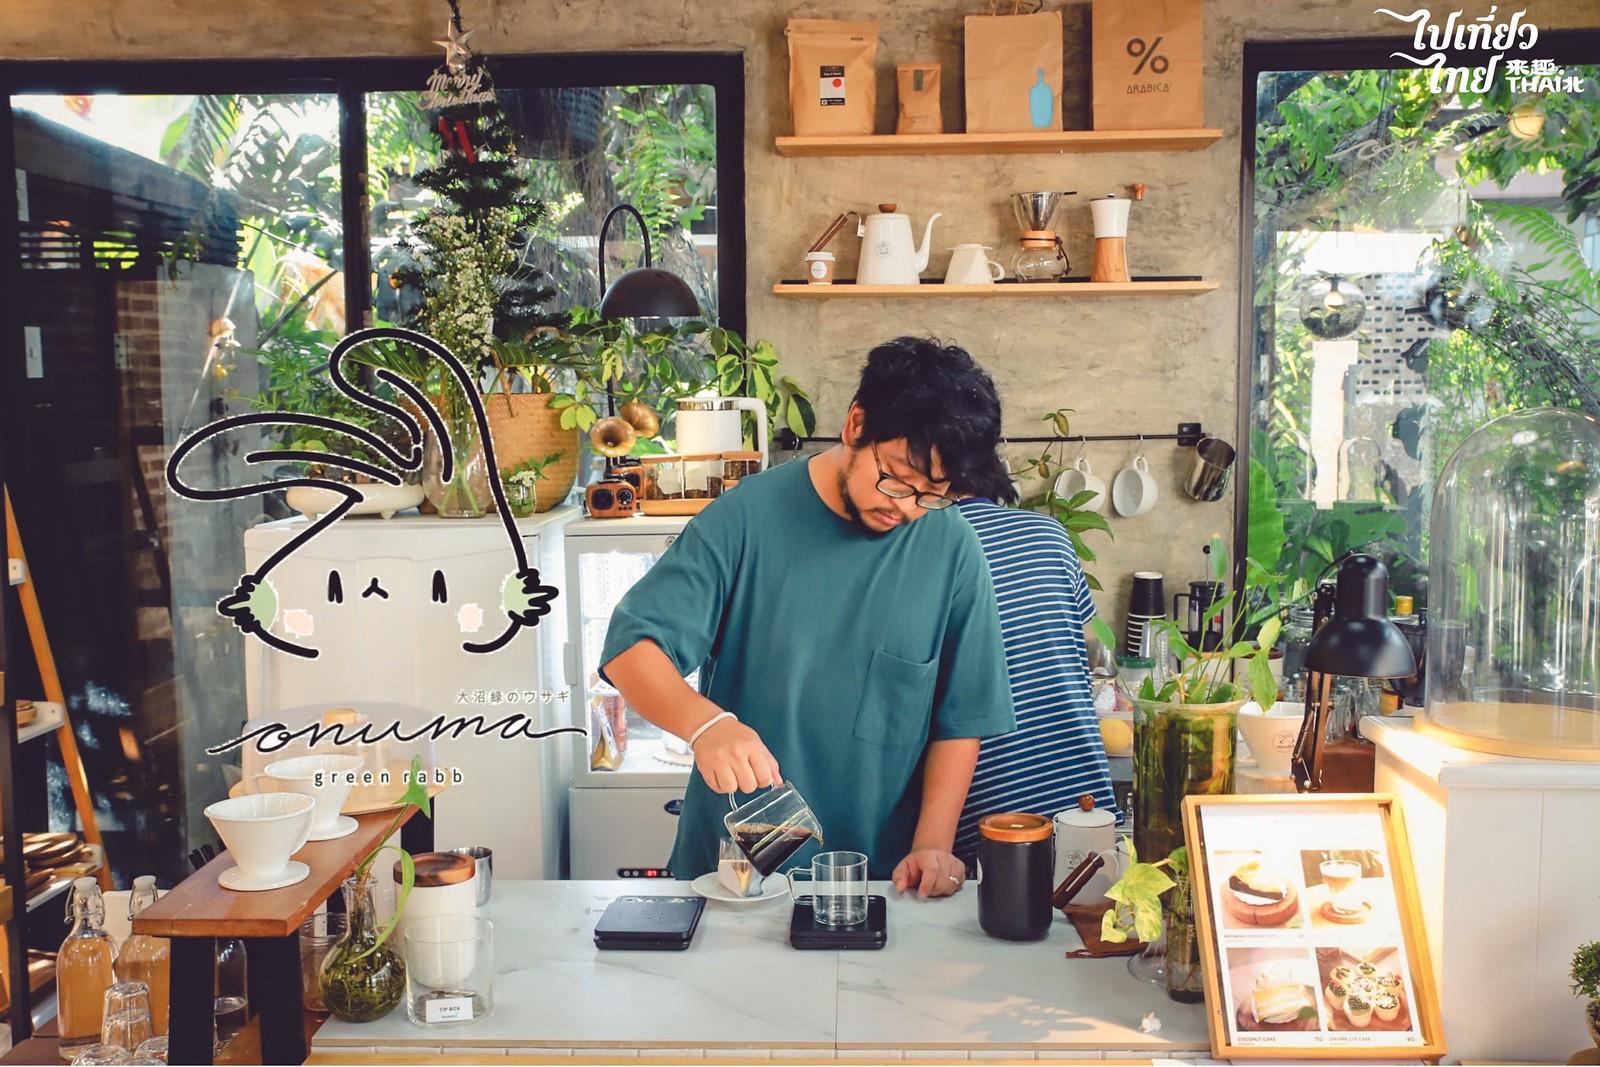 慢活。植栽。手沖咖啡館【Onuma Green Rabb】